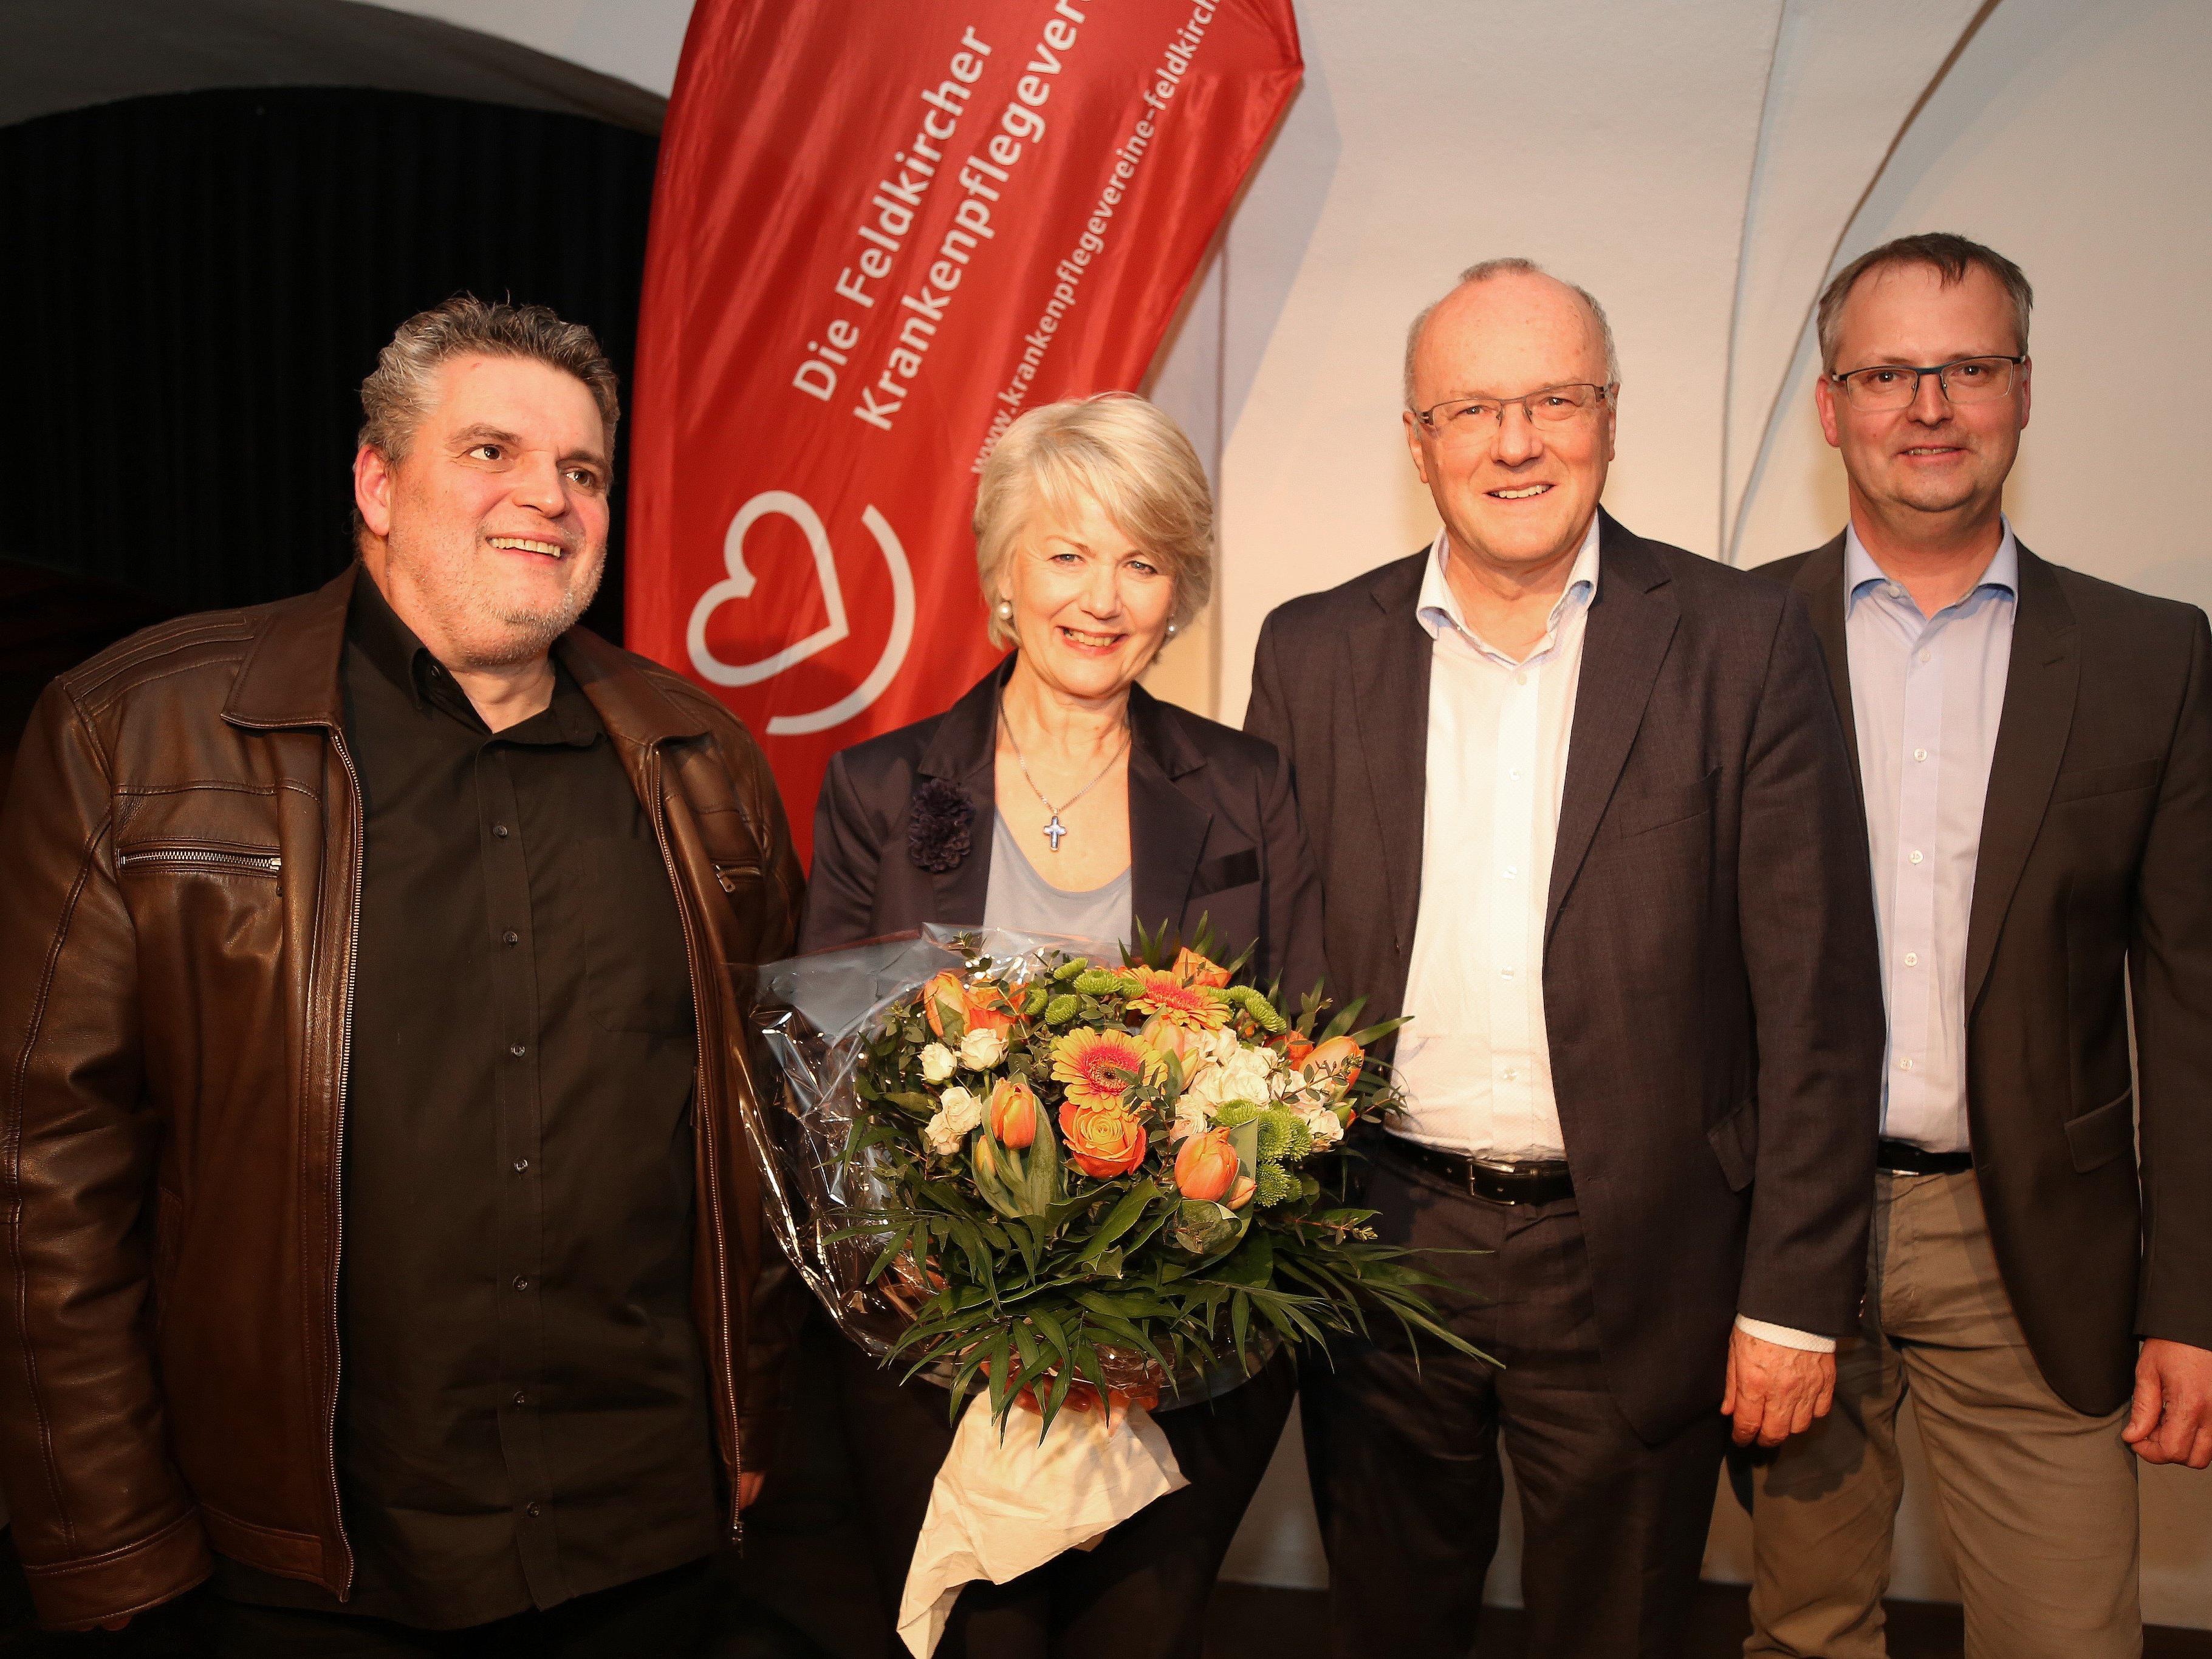 George Nussbaumer, Ilga Sausgruber, Primar Reinhard Haller und KPV-Obmann Herbert Lins im Theater am Saumarkt.